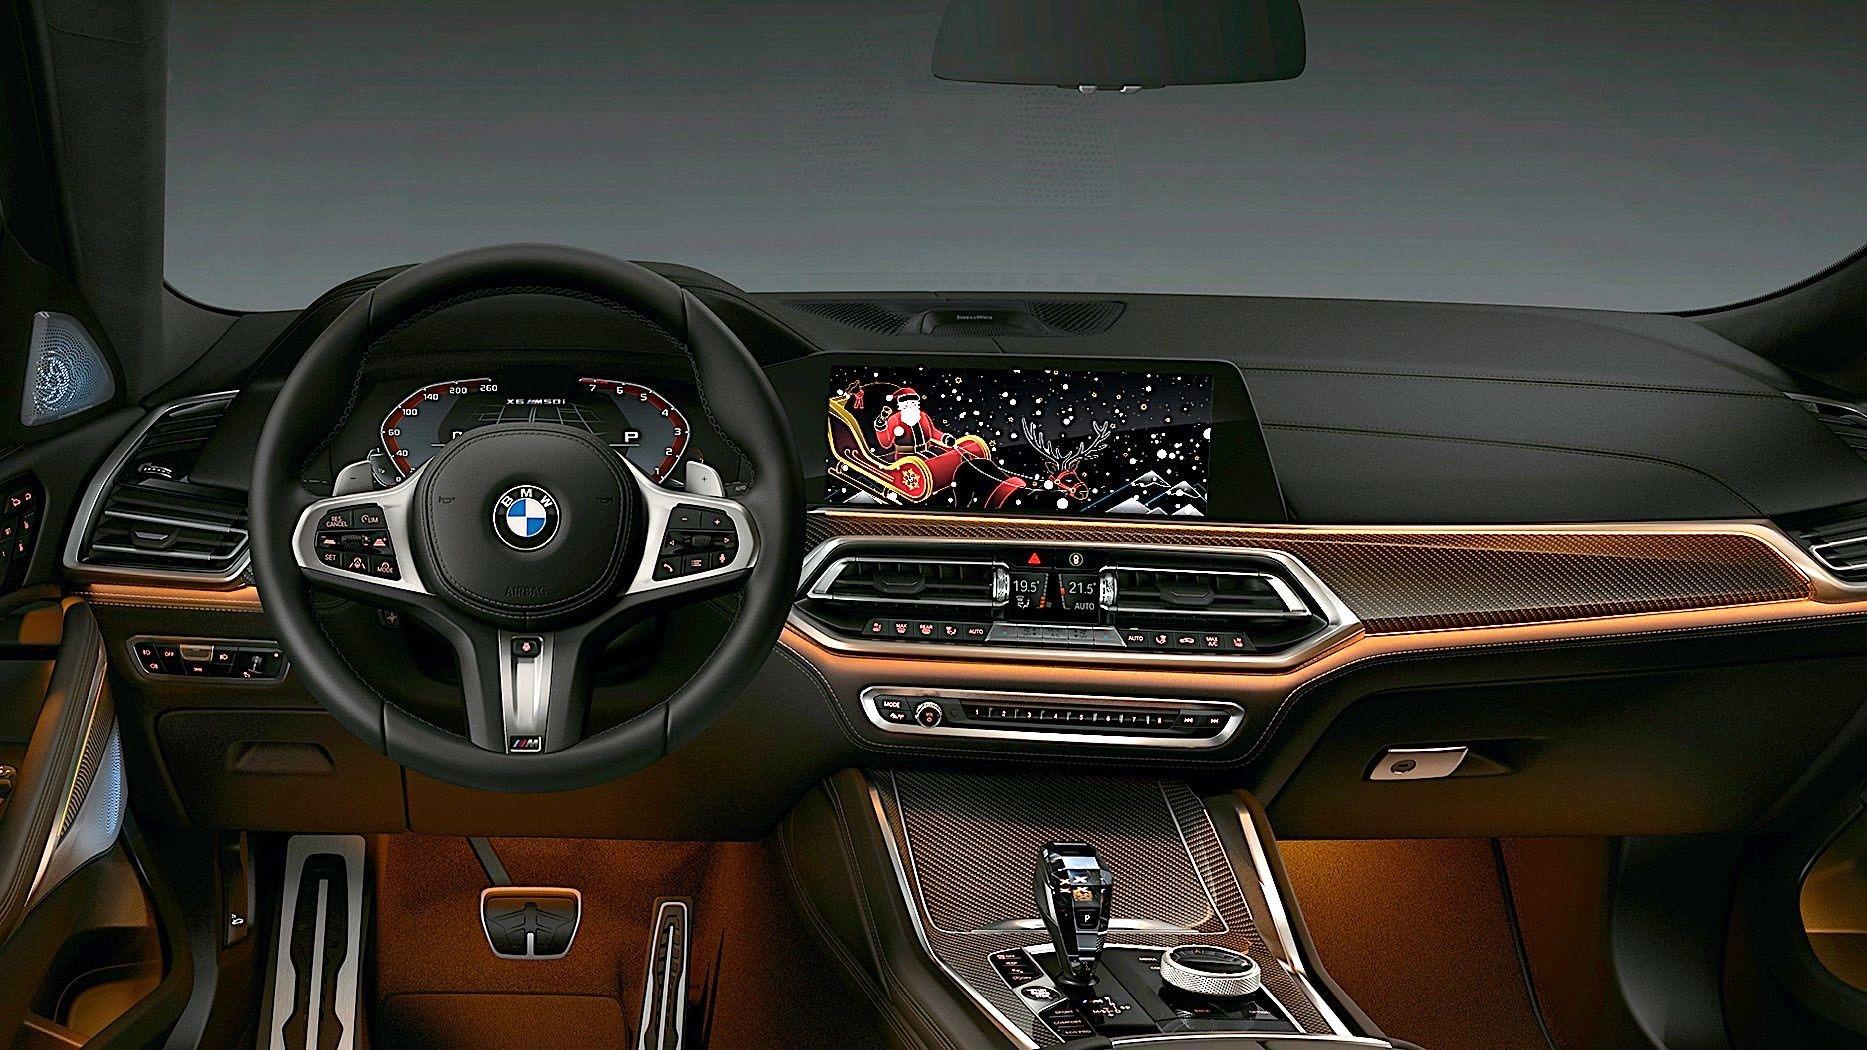 Автомобили BMW бесплатно поздравят своих владельцев с Новым годом